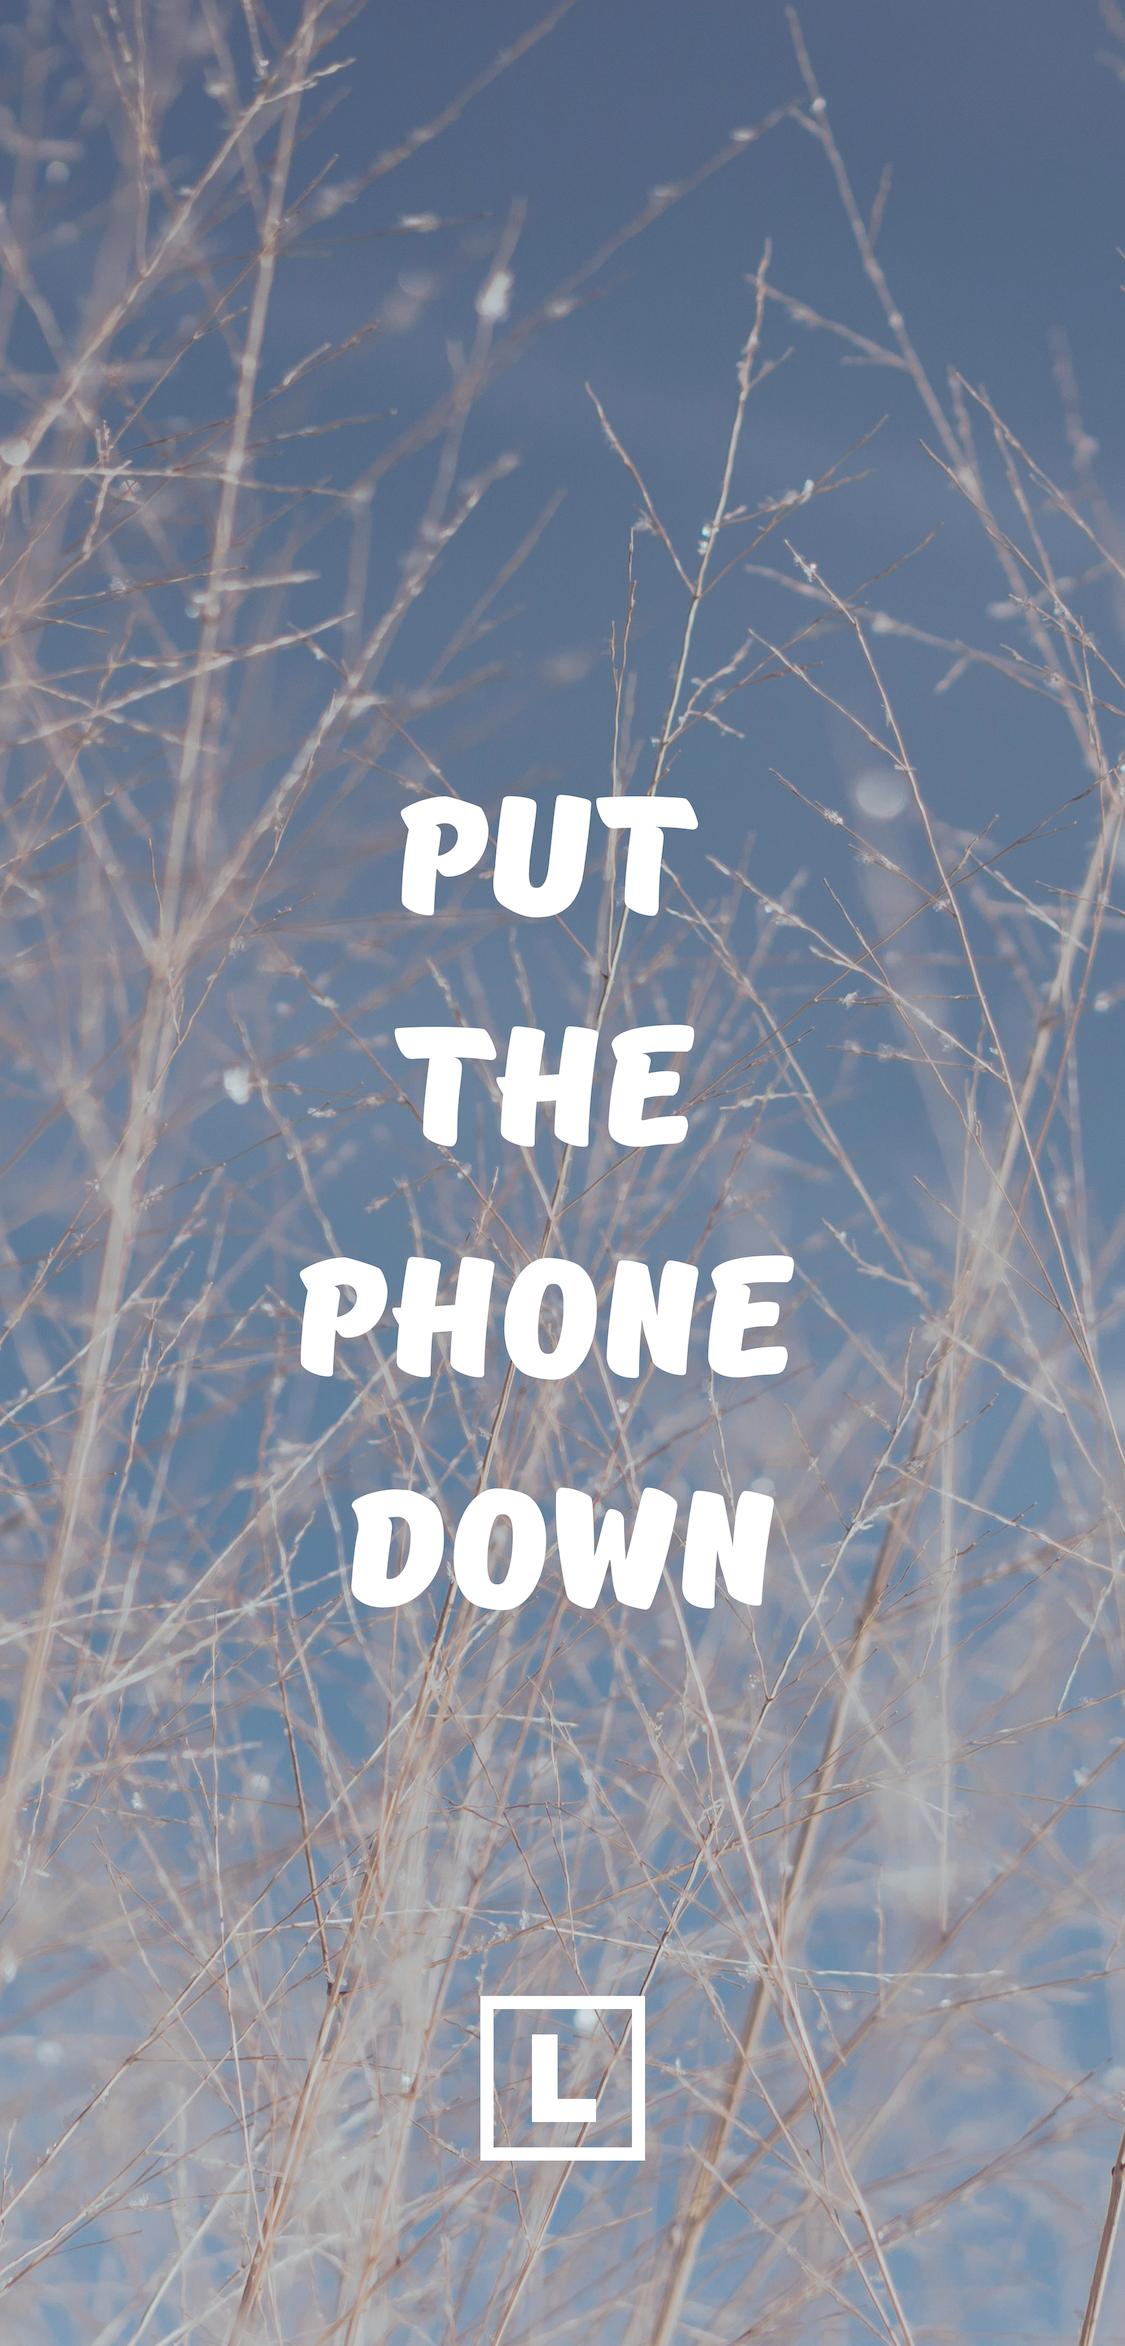 Download:   iPhone 6, 7, 8    iPhone 6 Plus, 7 Plus, 8 Plus    iPhone X